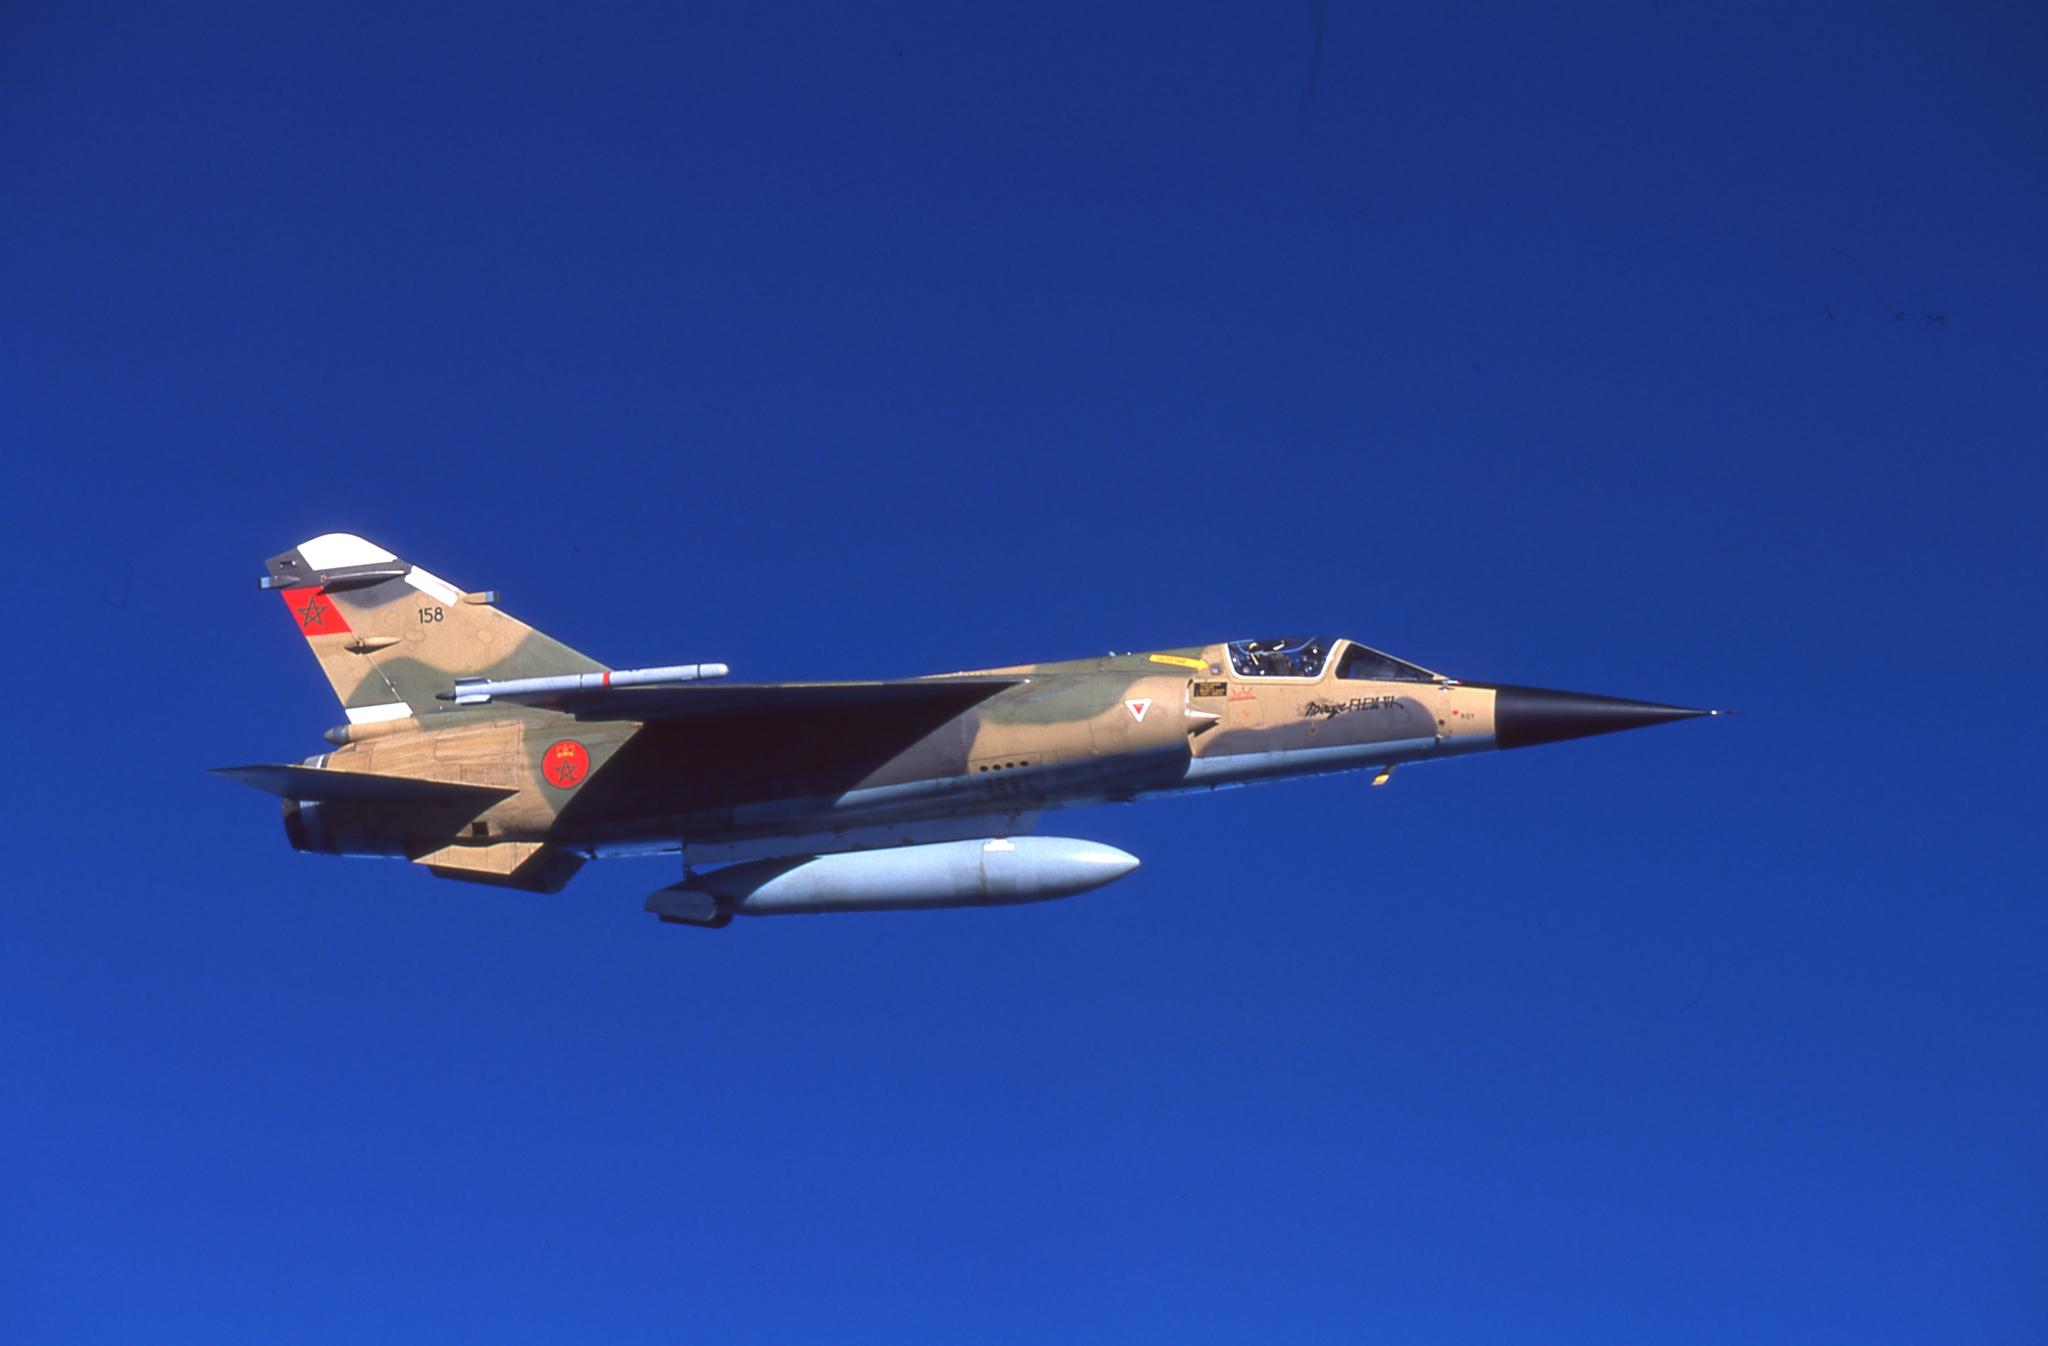 FRA: Photos Mirage F1 - Page 16 50084160238_83e734c133_o_d